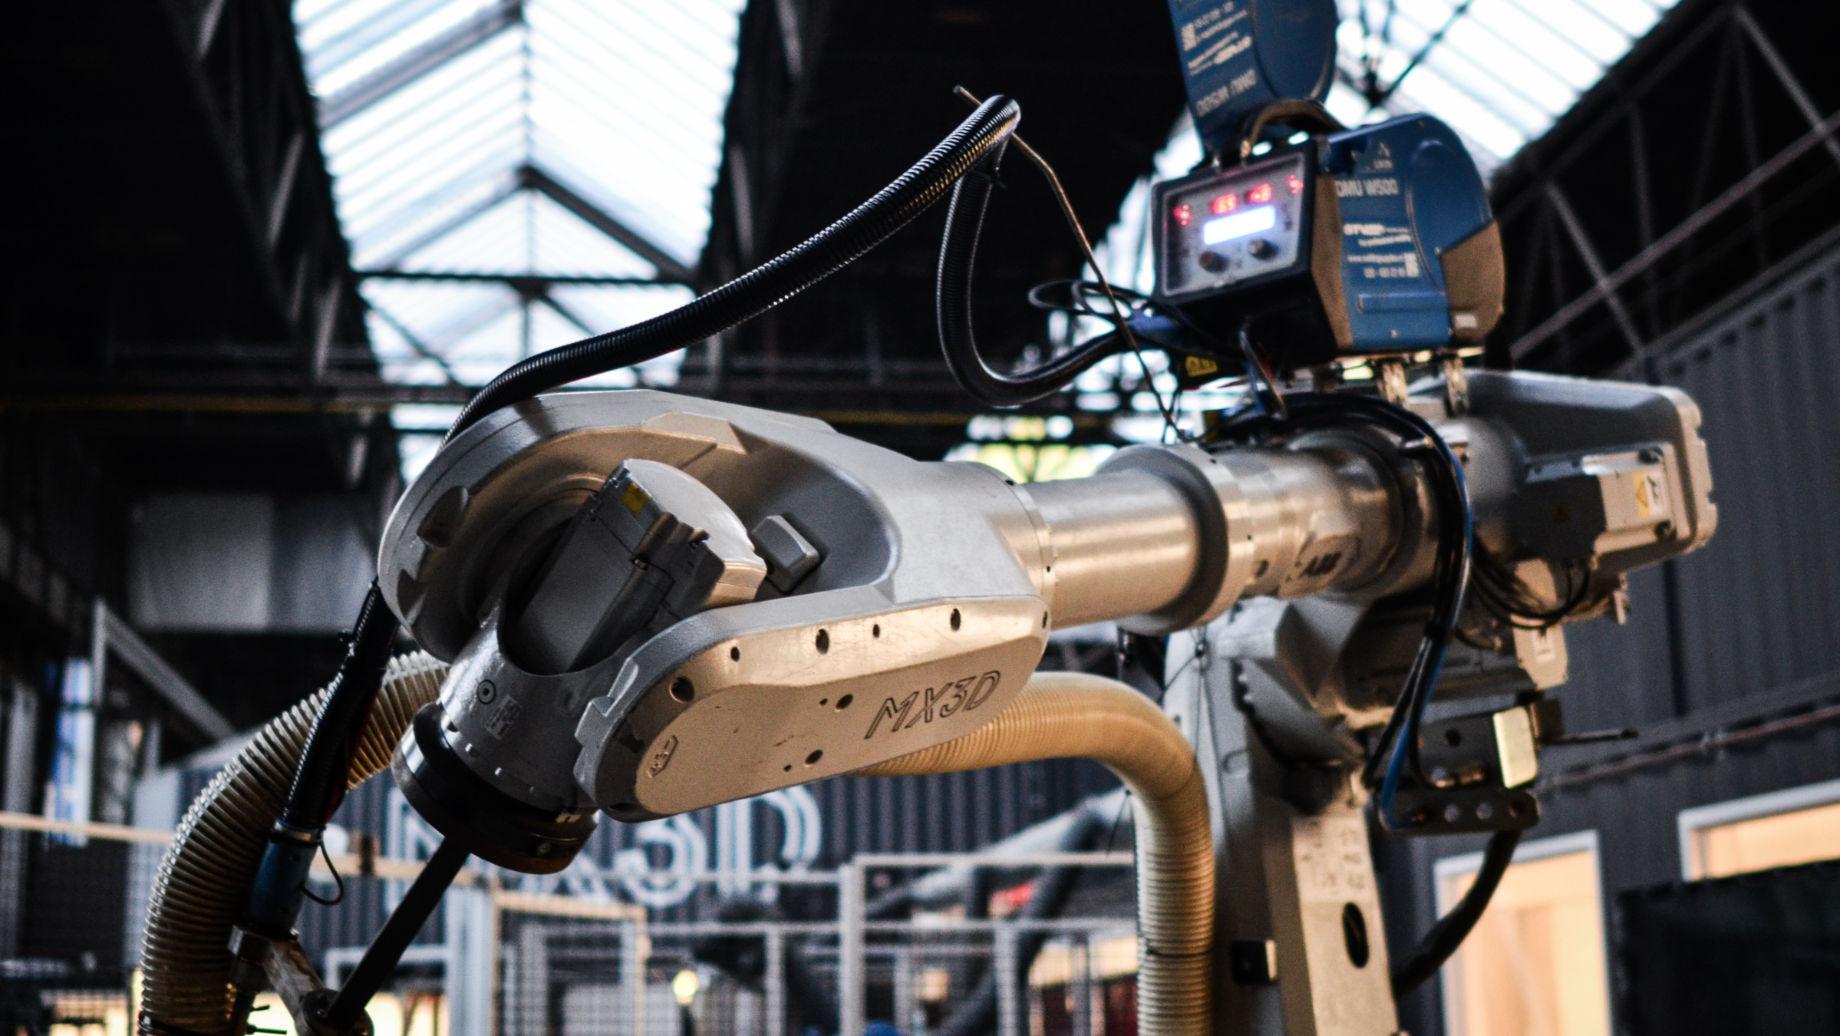 Roboterarm, den MX3D zum 3D-Drucken nutzt.